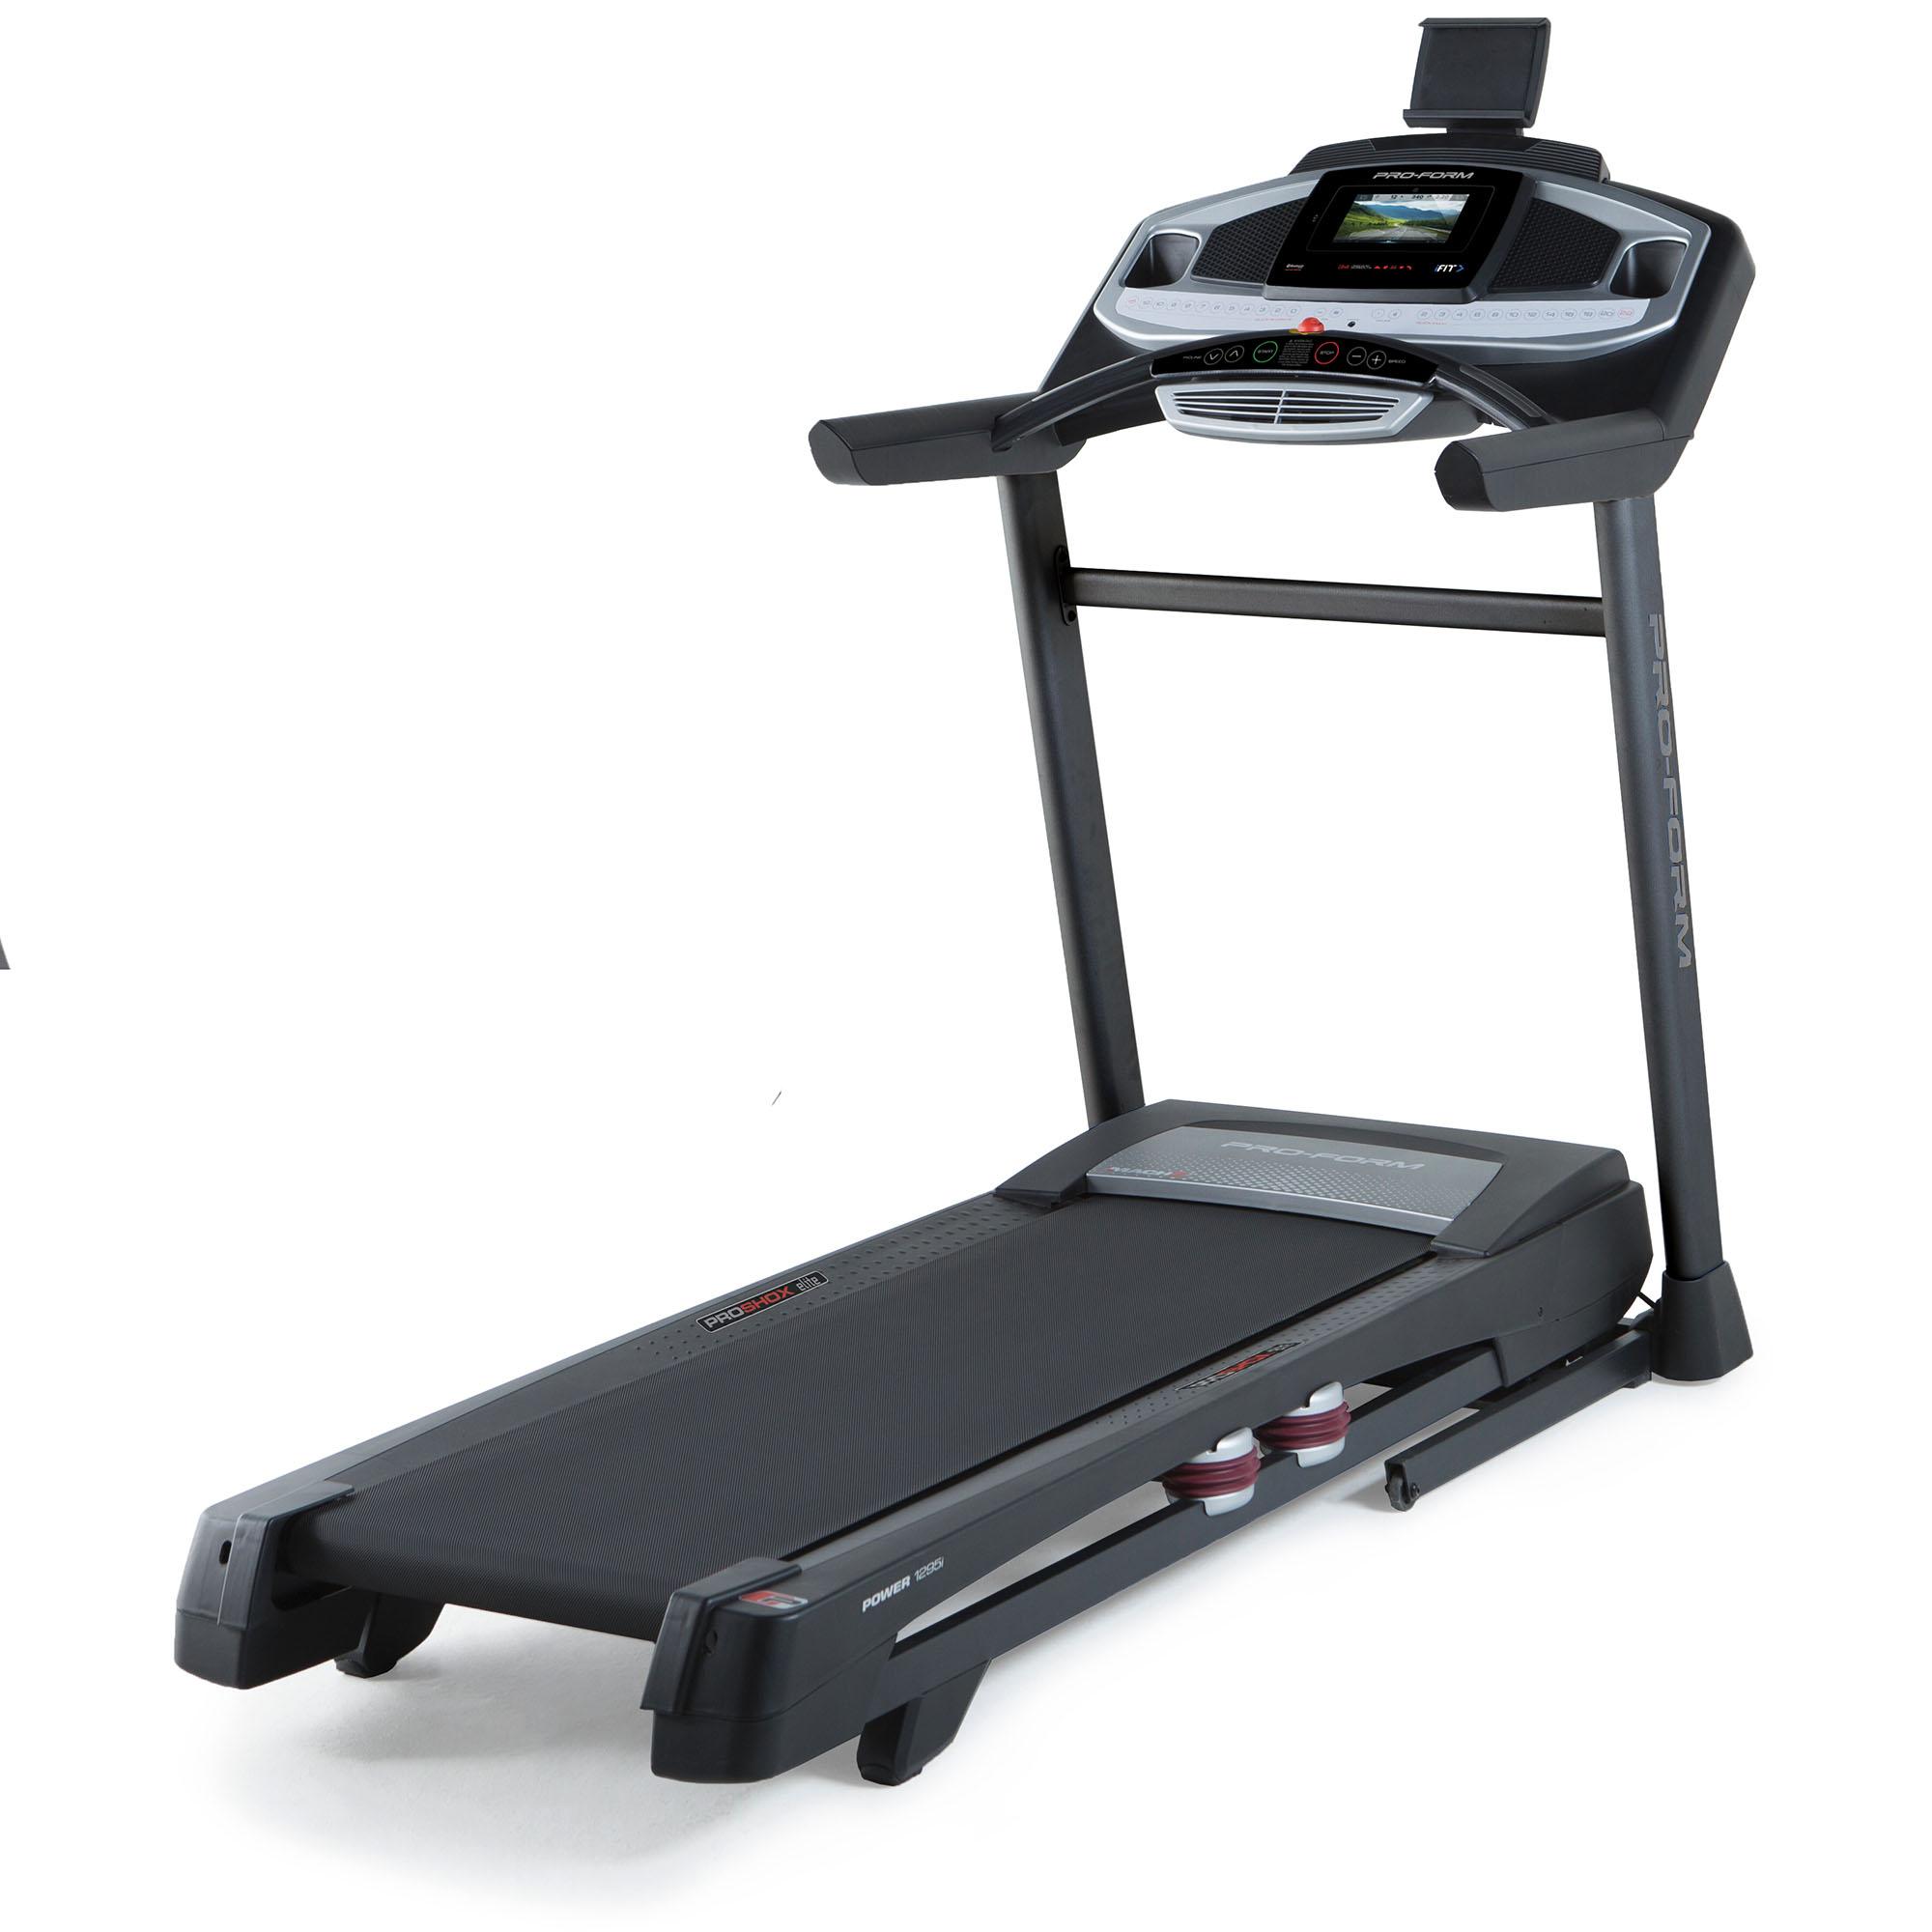 Proform Power 1295i Treadmill